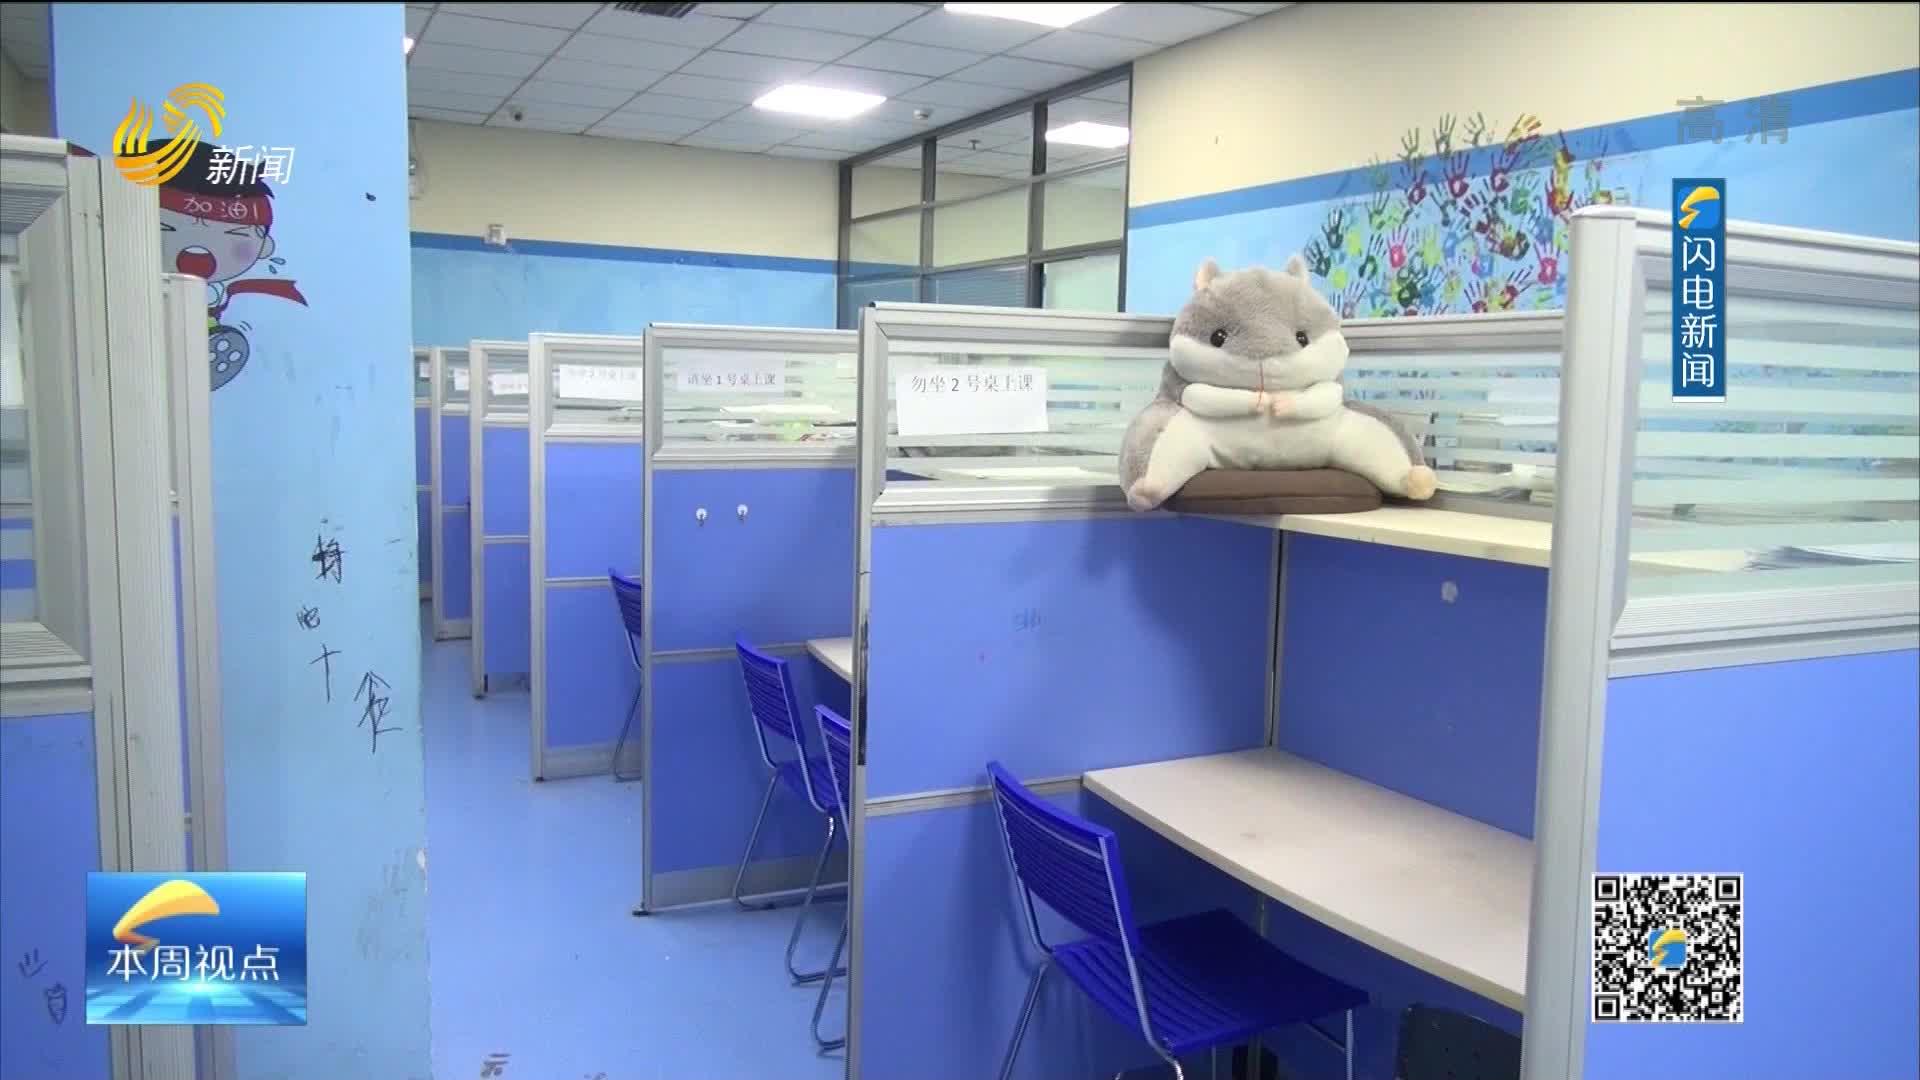 济南校外培训机构已暂停线下教学